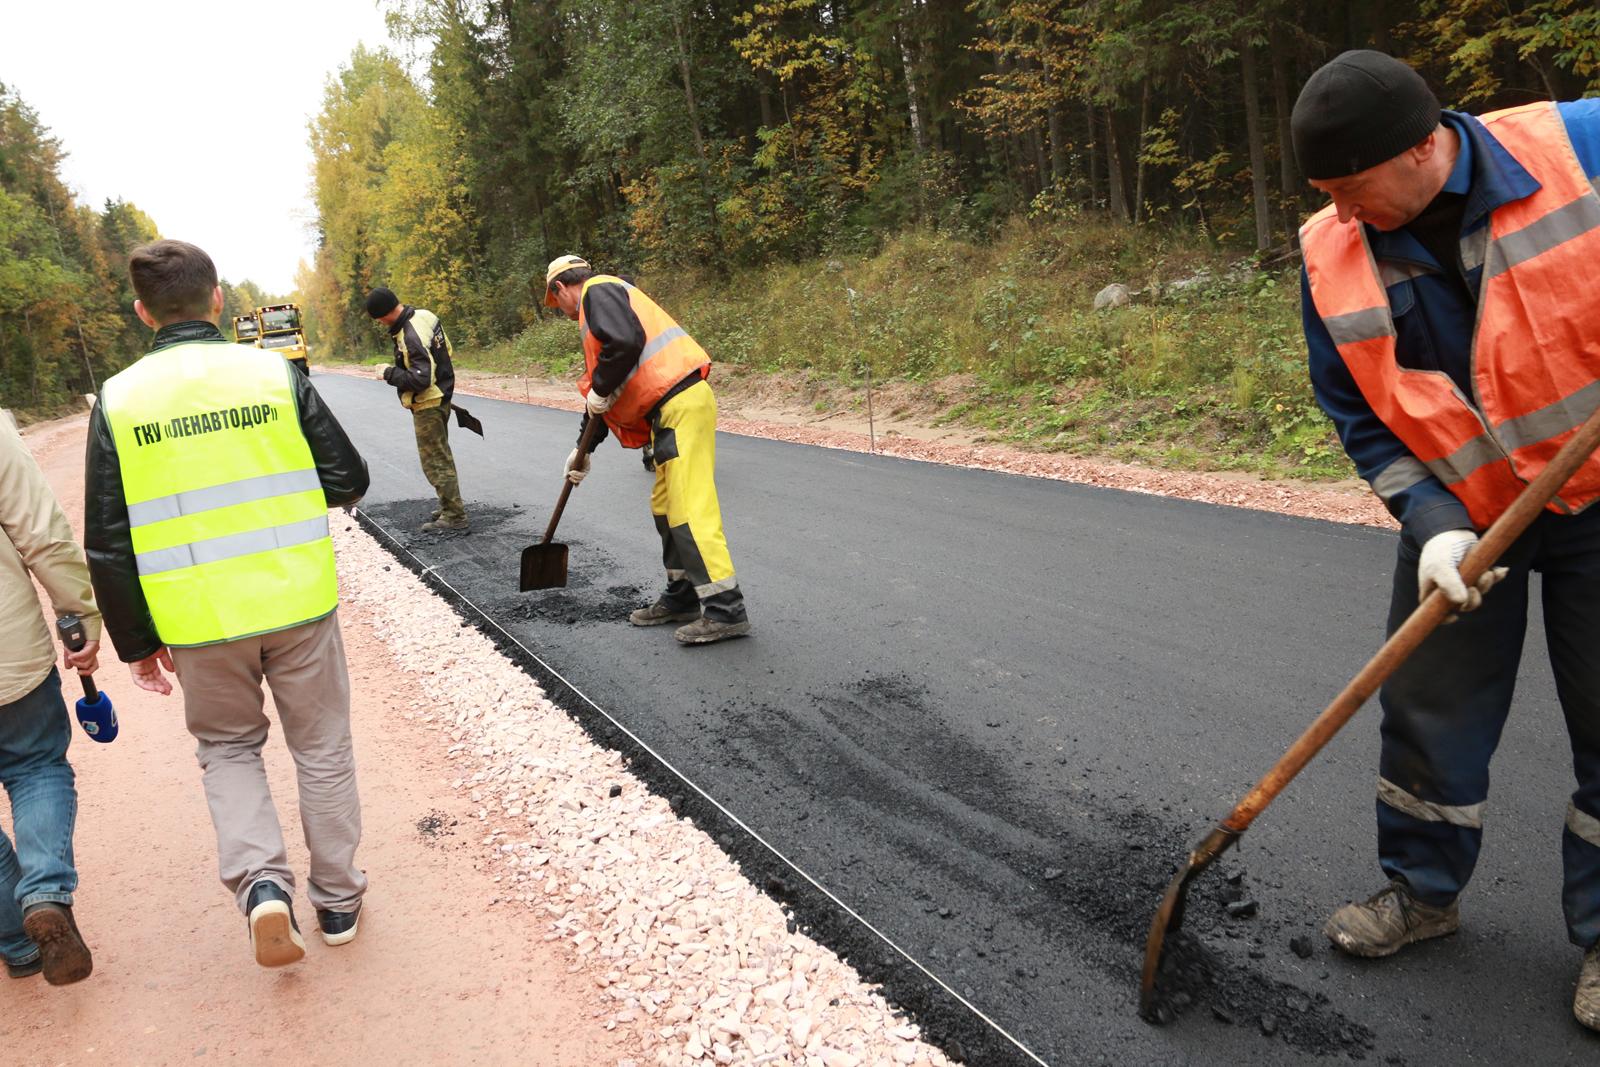 Правительству предложили план строительства транспортной инфраструктуры на 7 трлн рублей